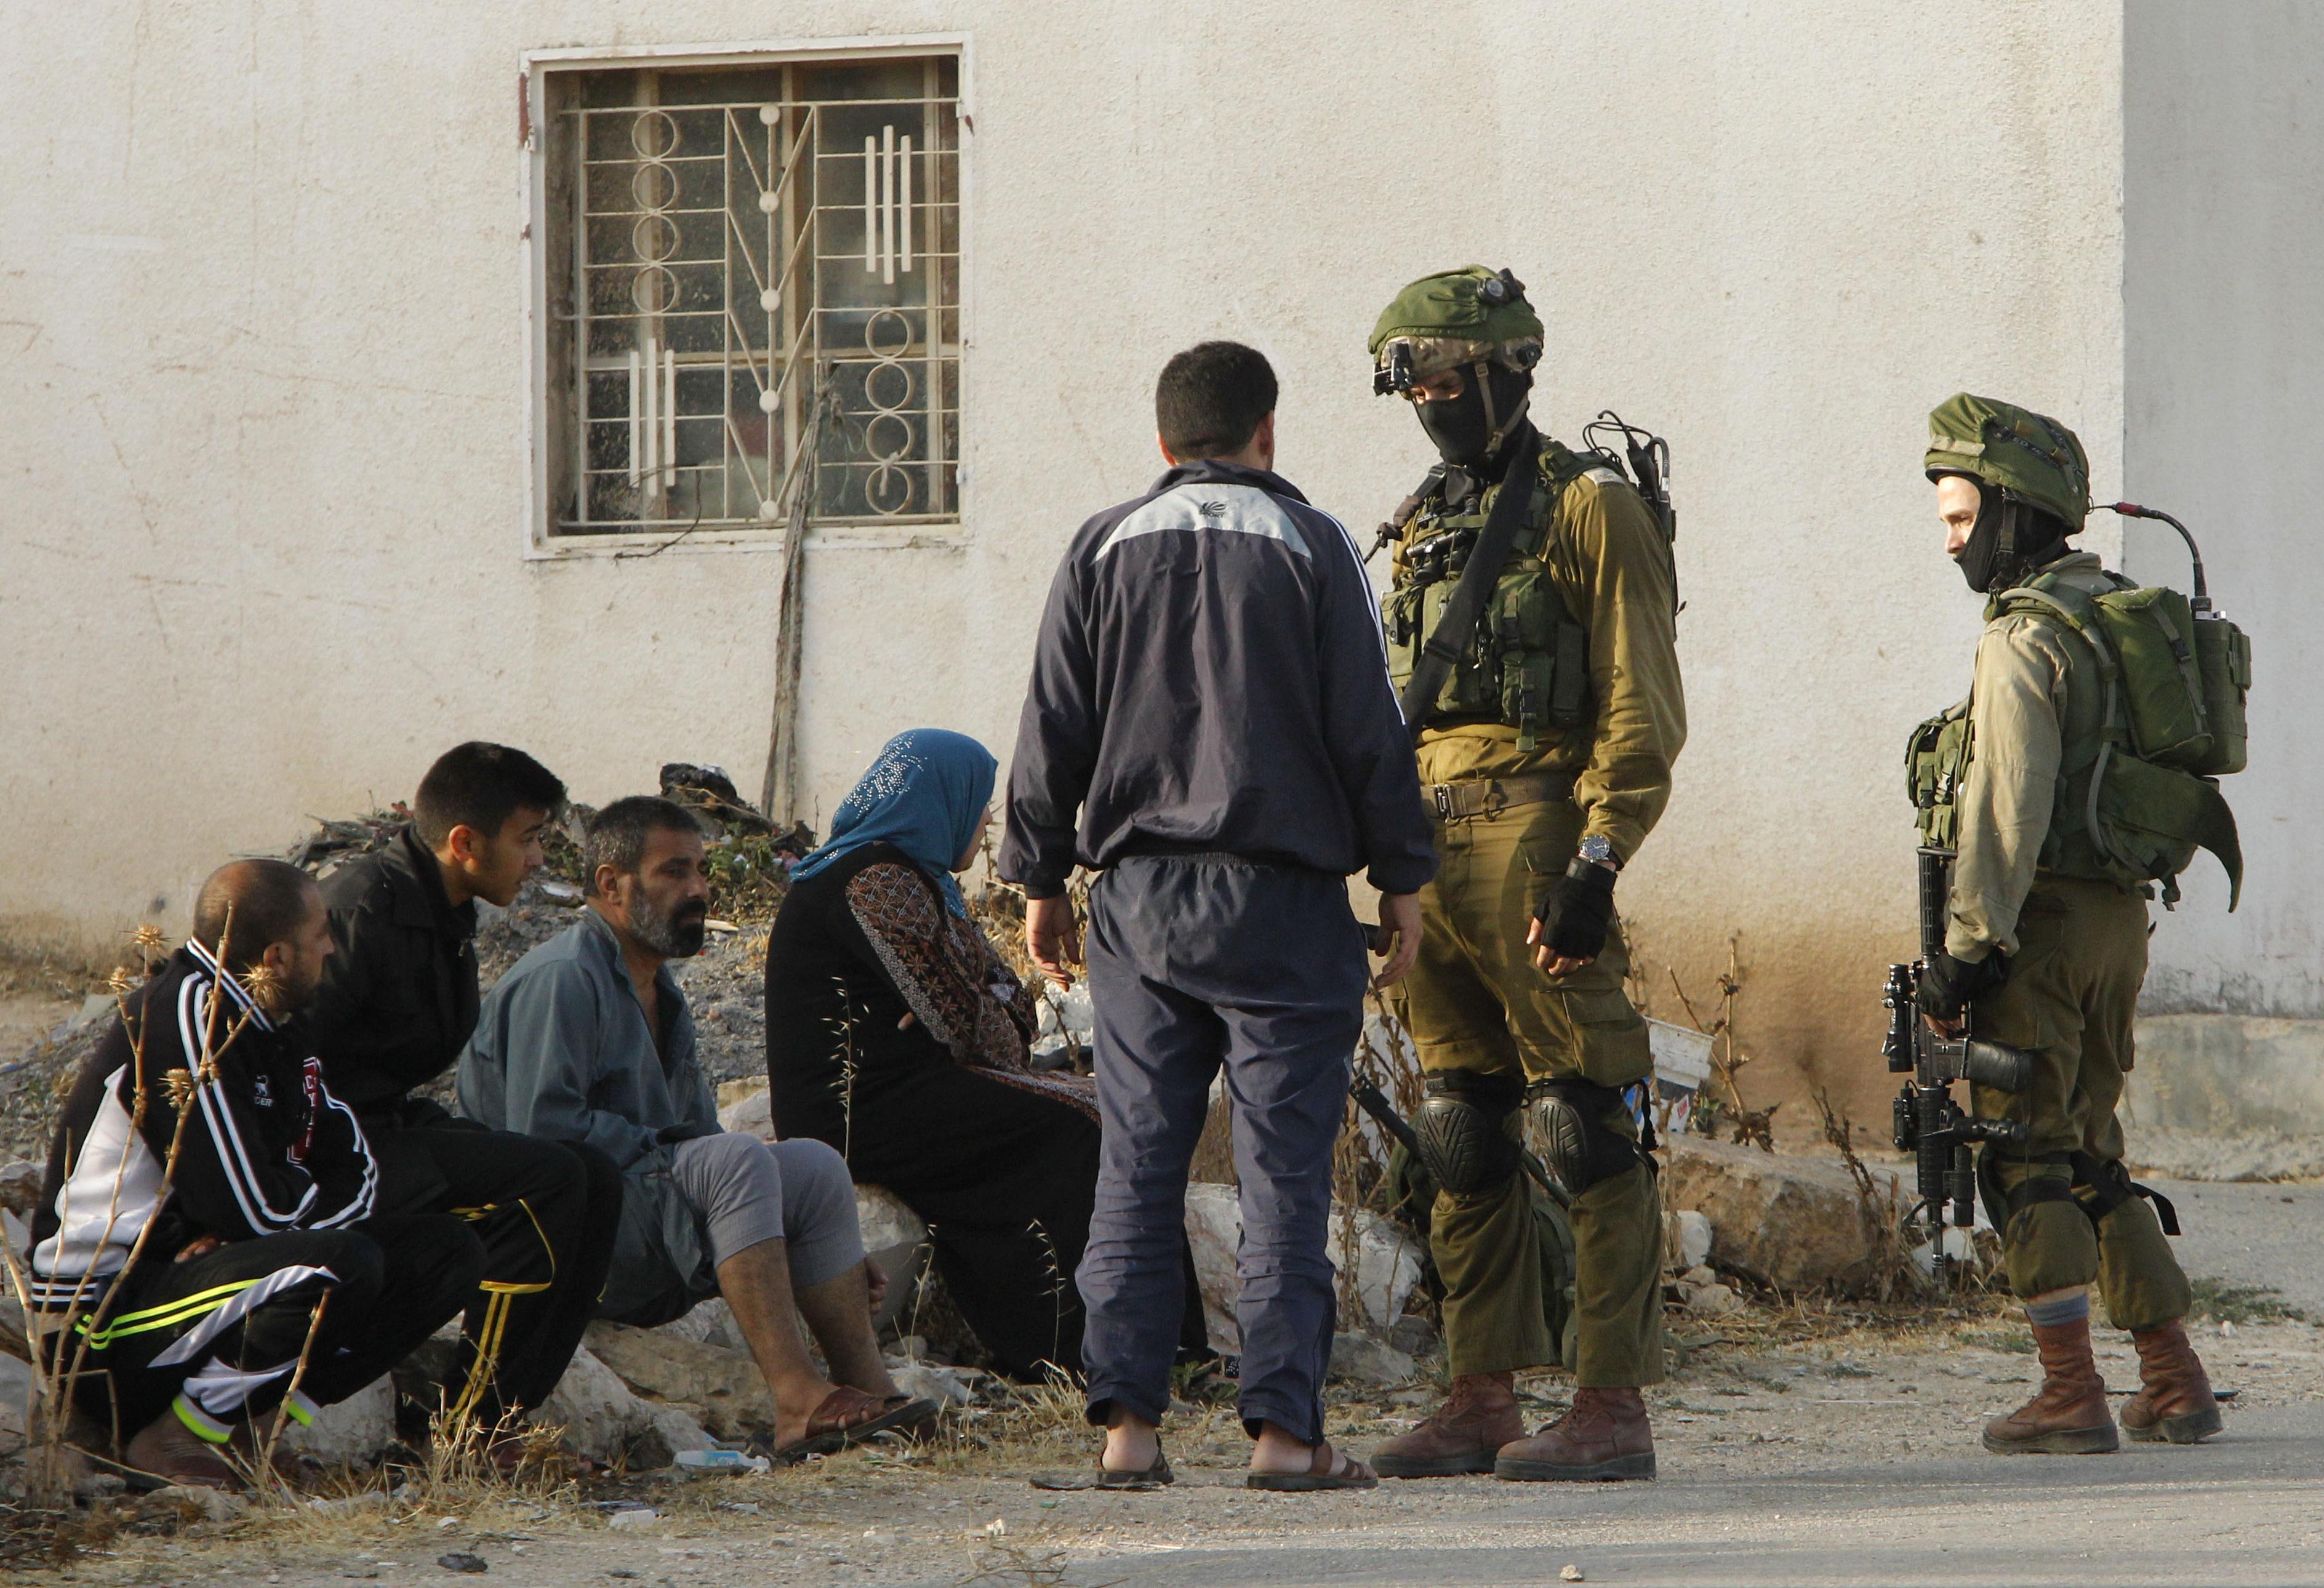 جنود إسرائيليون يتحدثون إلى فلسطينيين في بلدة يطا التي يسكنها منفذا هجوم تل أبيب